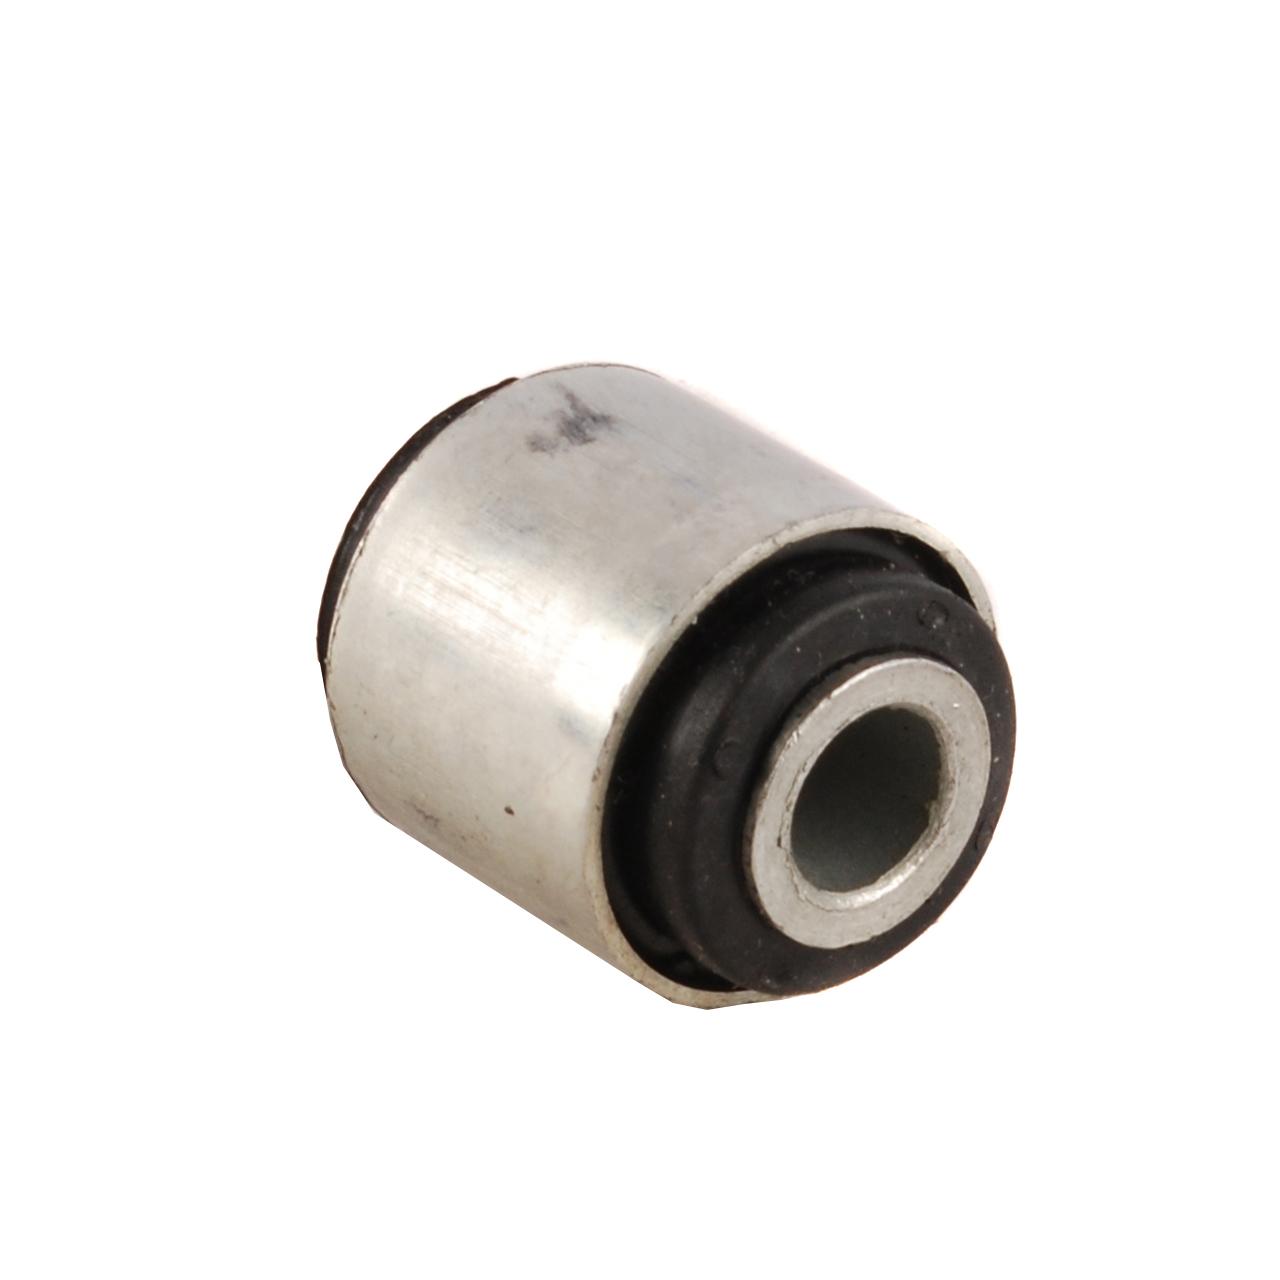 Сайлентблок переднего рычага задний fiat 500, nuova panda 03- 14619